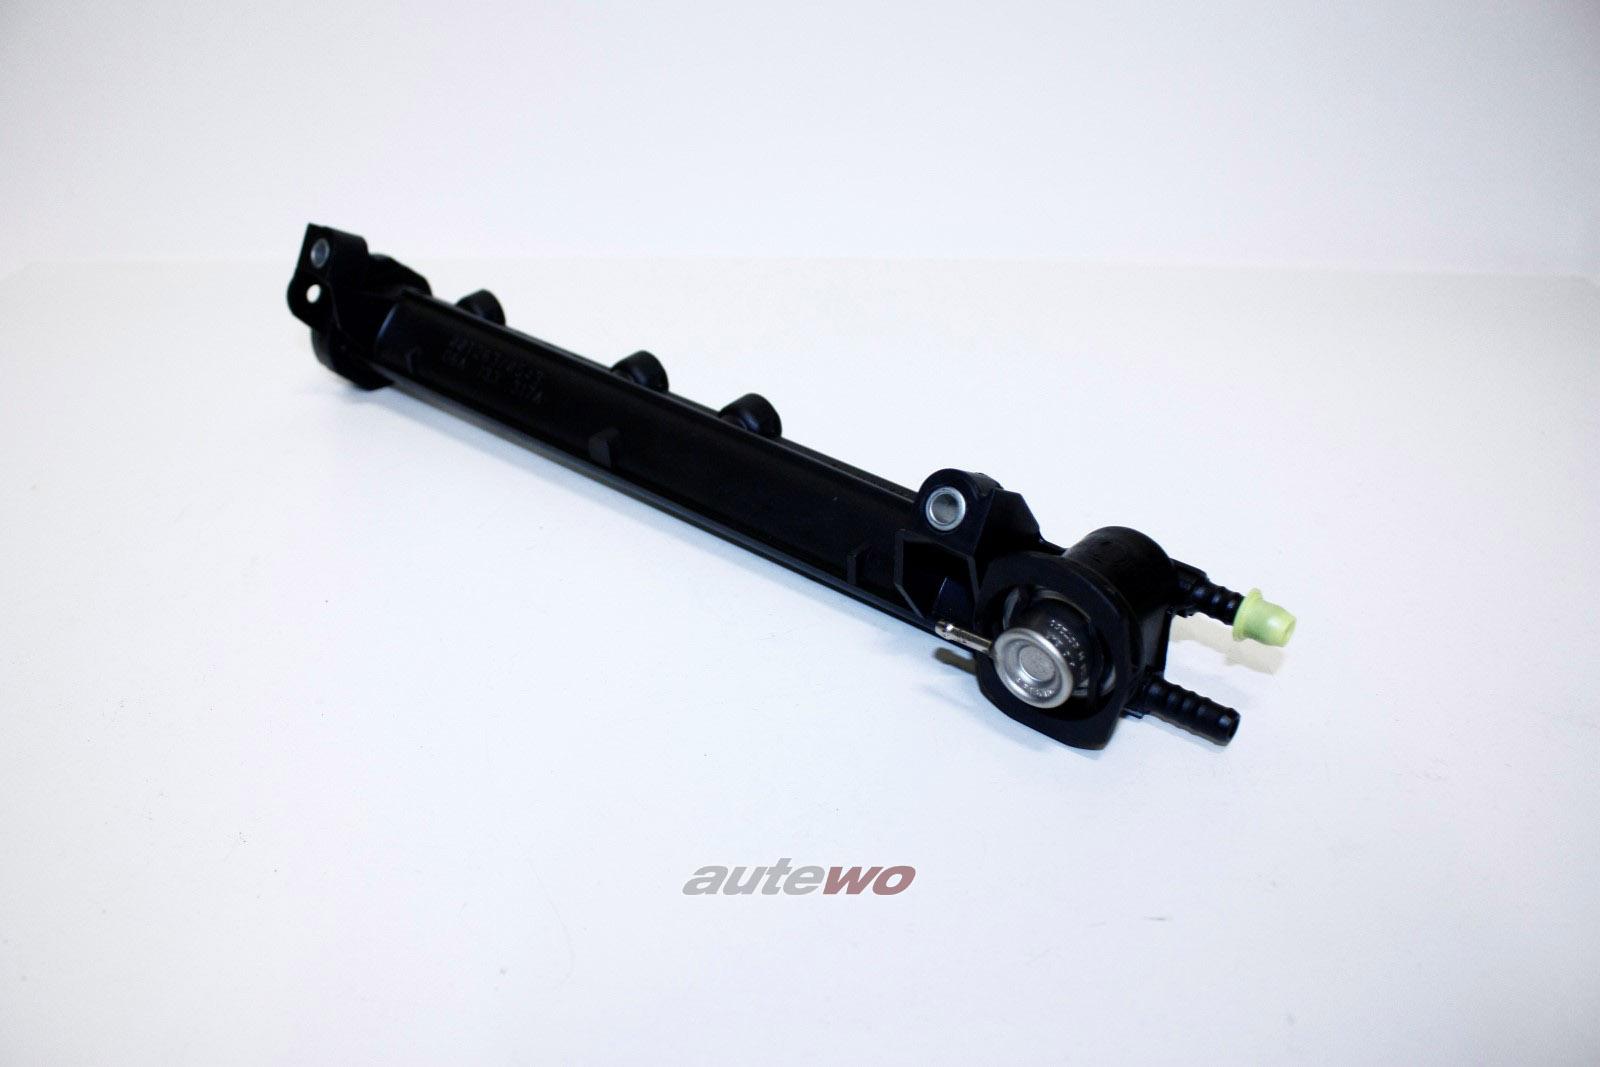 06A133317A NEU Audi/VW A3 8L 1.6l Einspritzleiste + Benzindruckregler